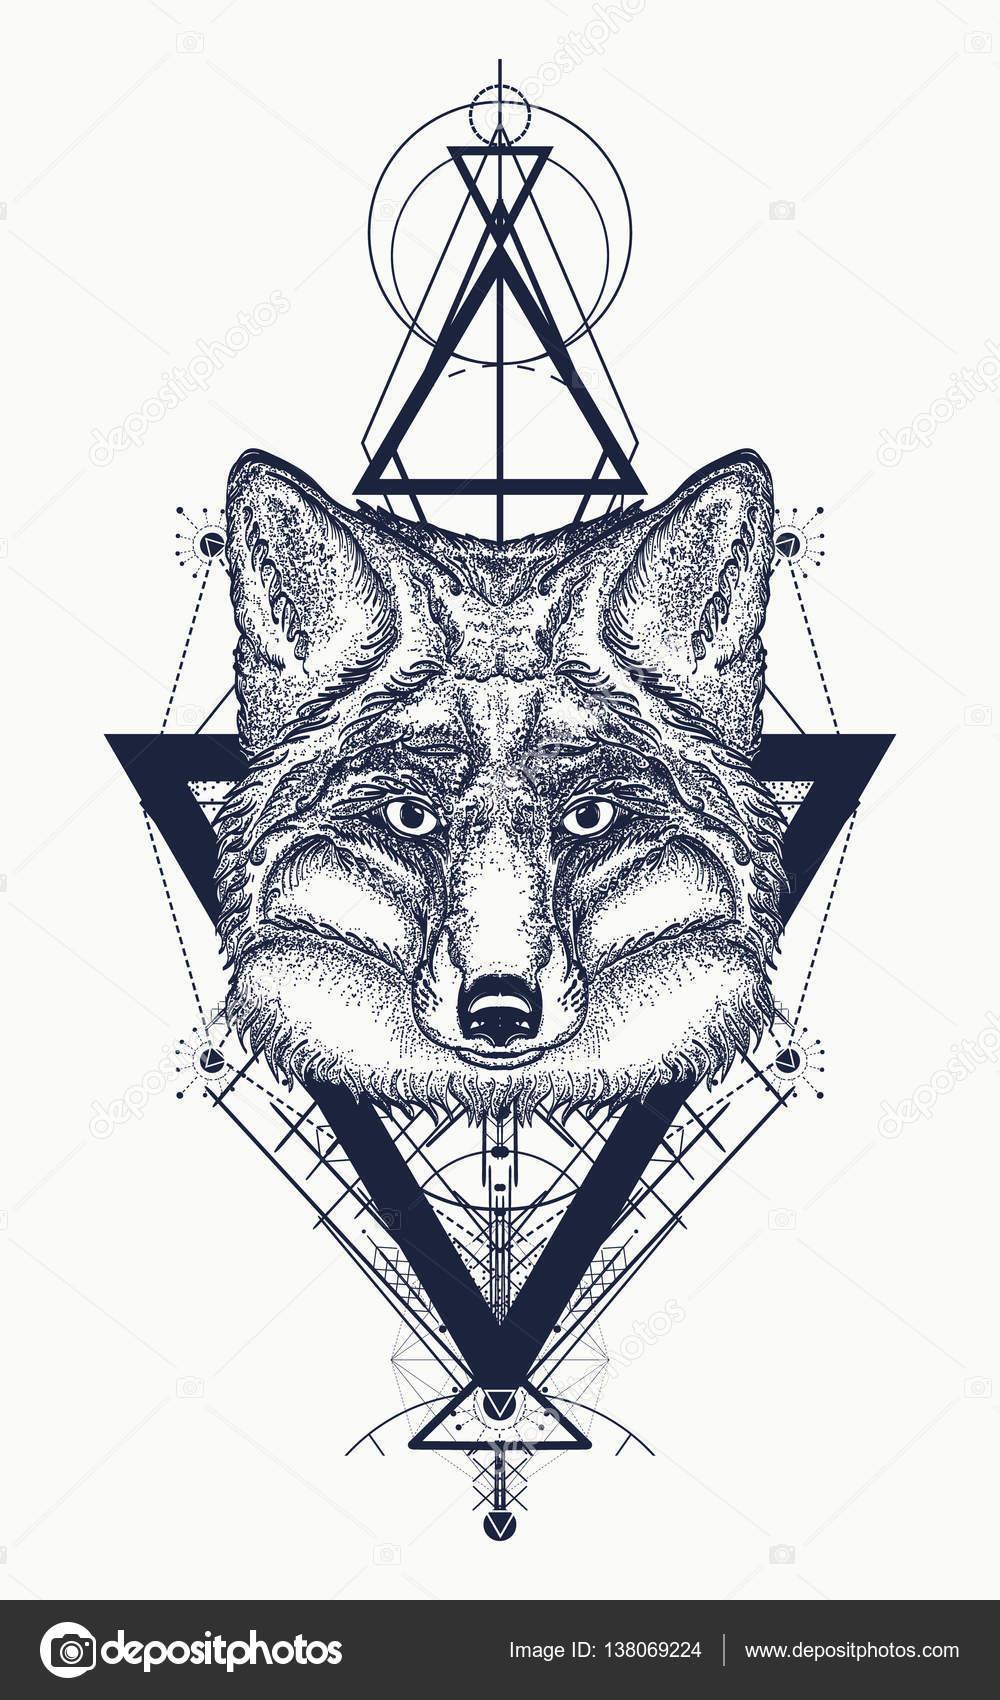 fox tatouage style g om trique symbole mystique de l aventure image vectorielle intueri. Black Bedroom Furniture Sets. Home Design Ideas